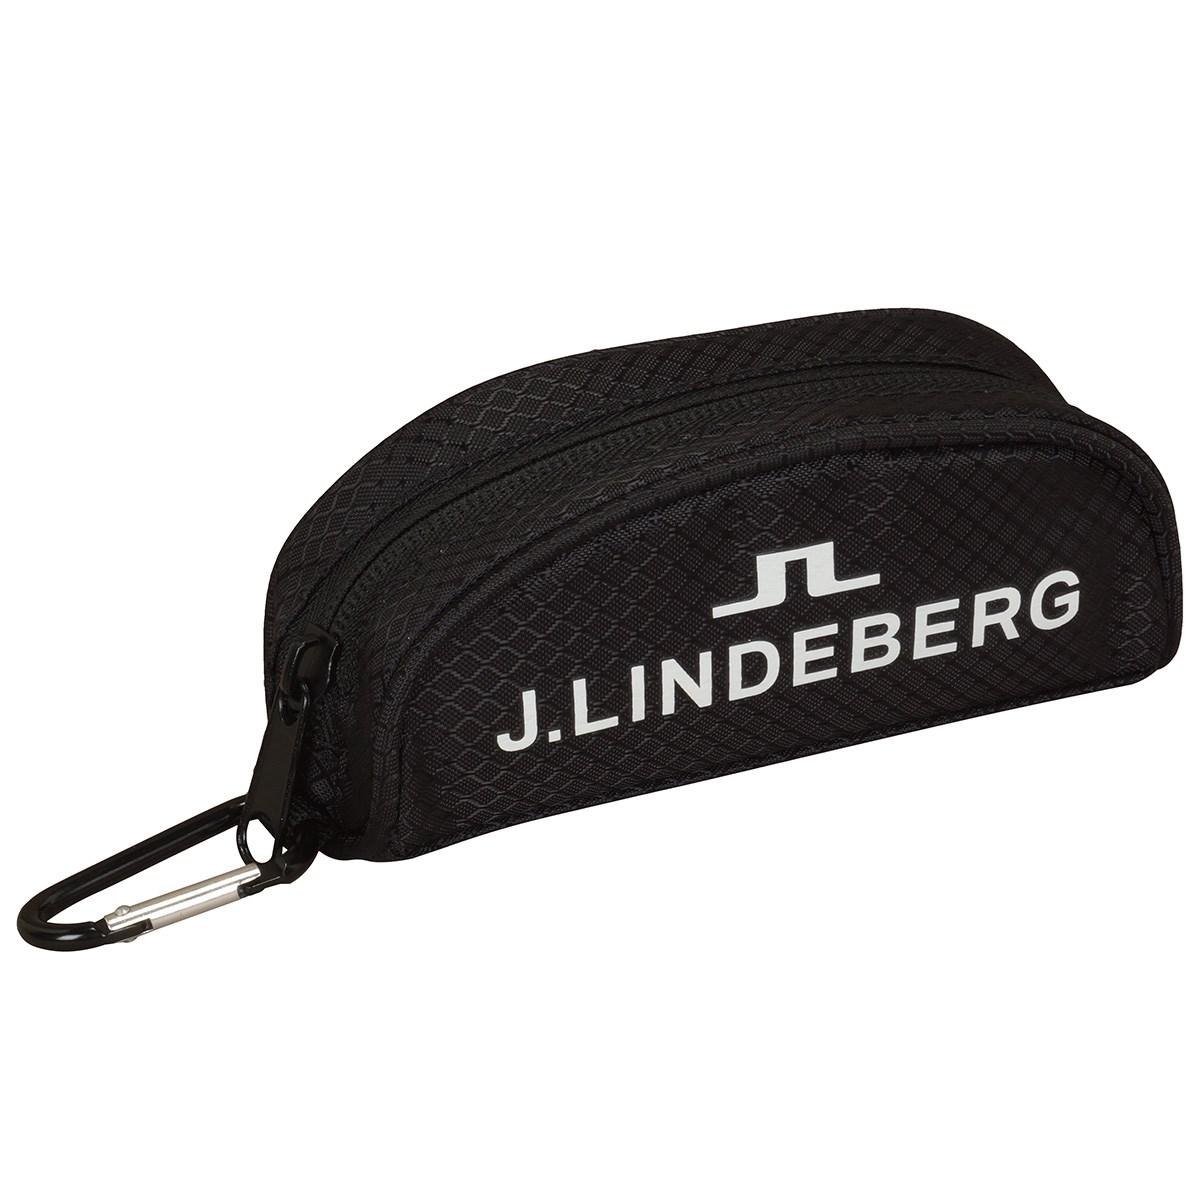 J.リンドバーグ ボールポーチ